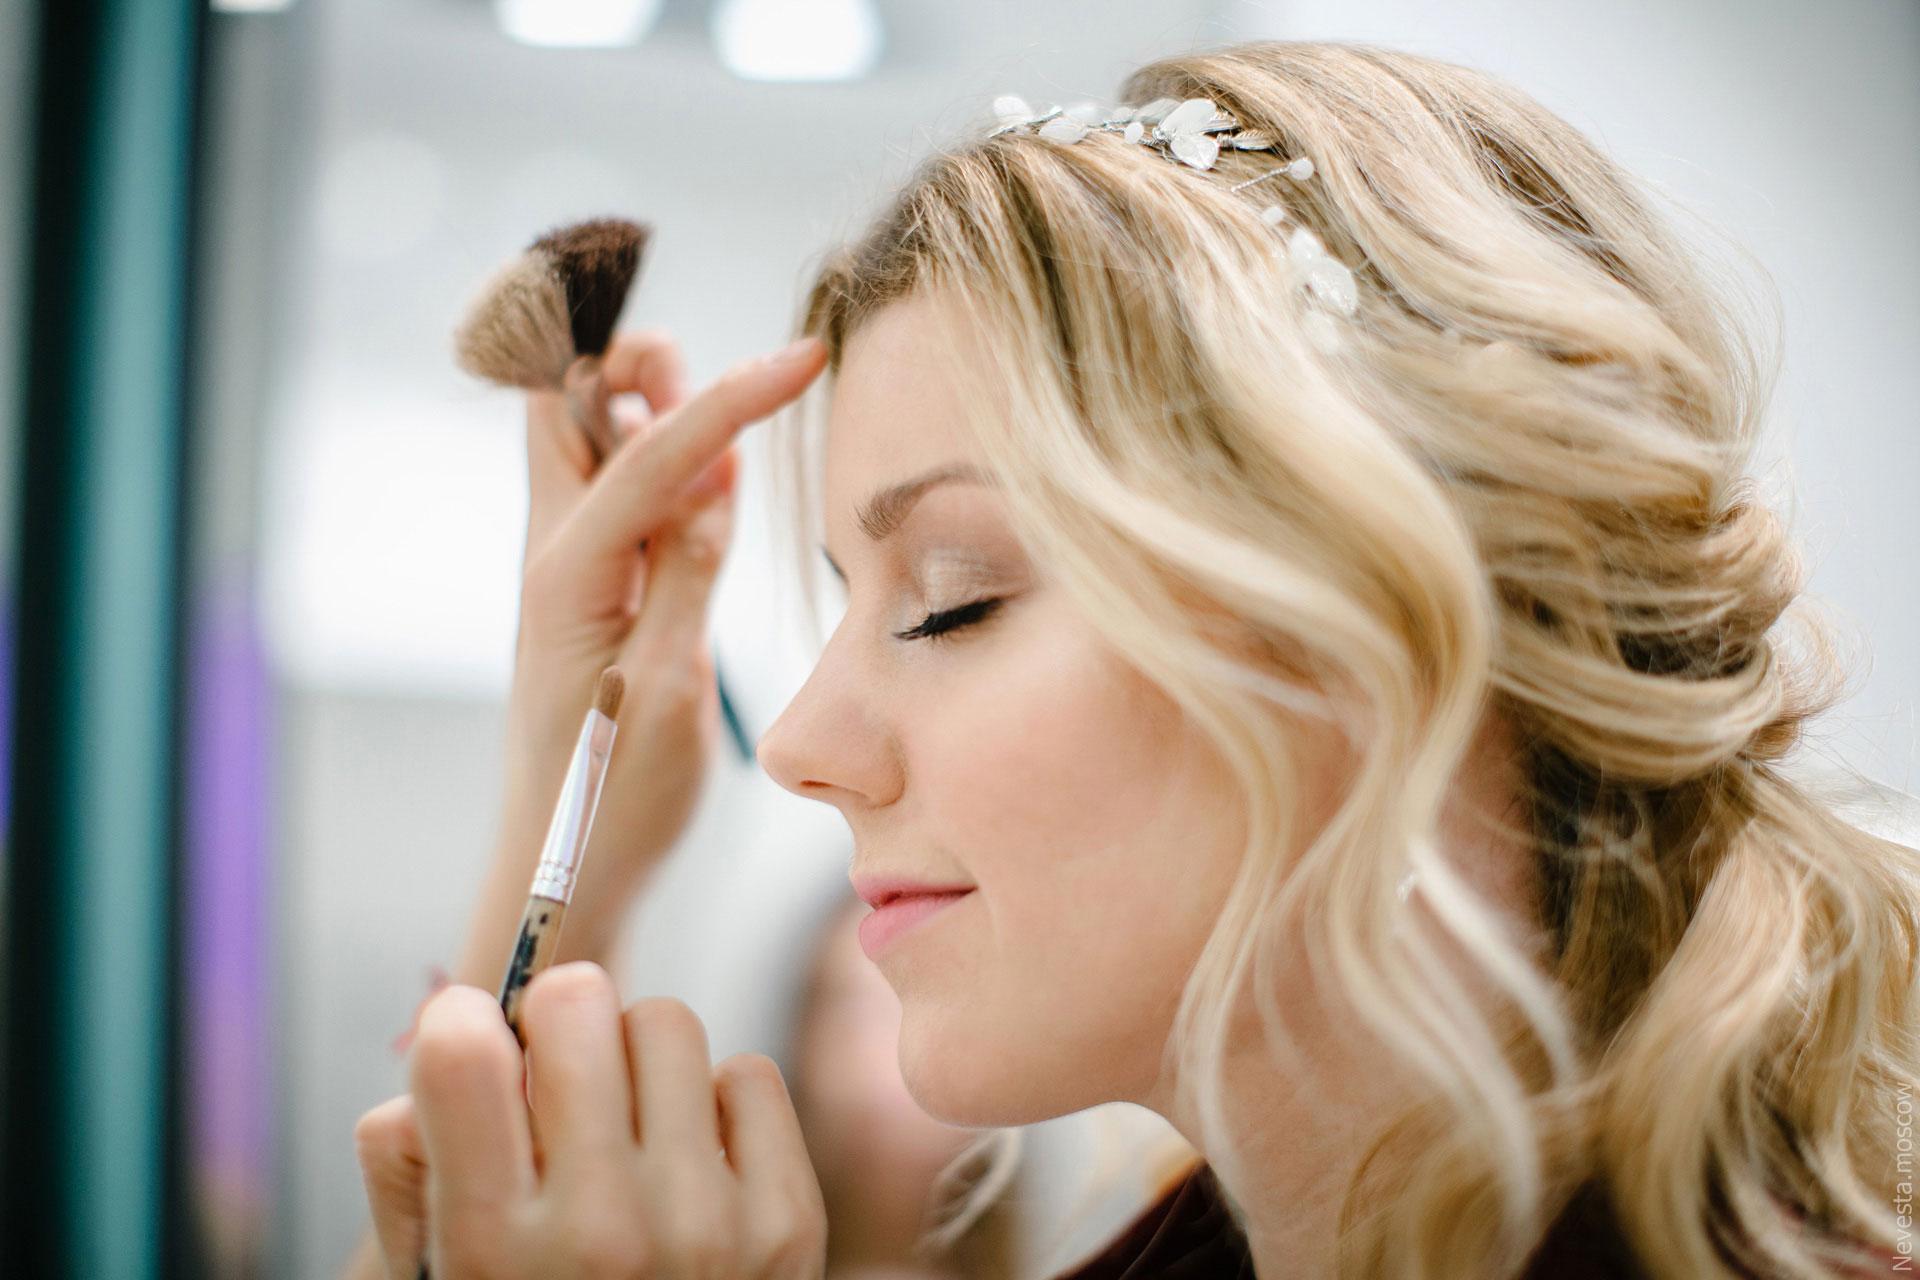 Юлианна Караулова примеряет образ для весенней свадьбы фото 18